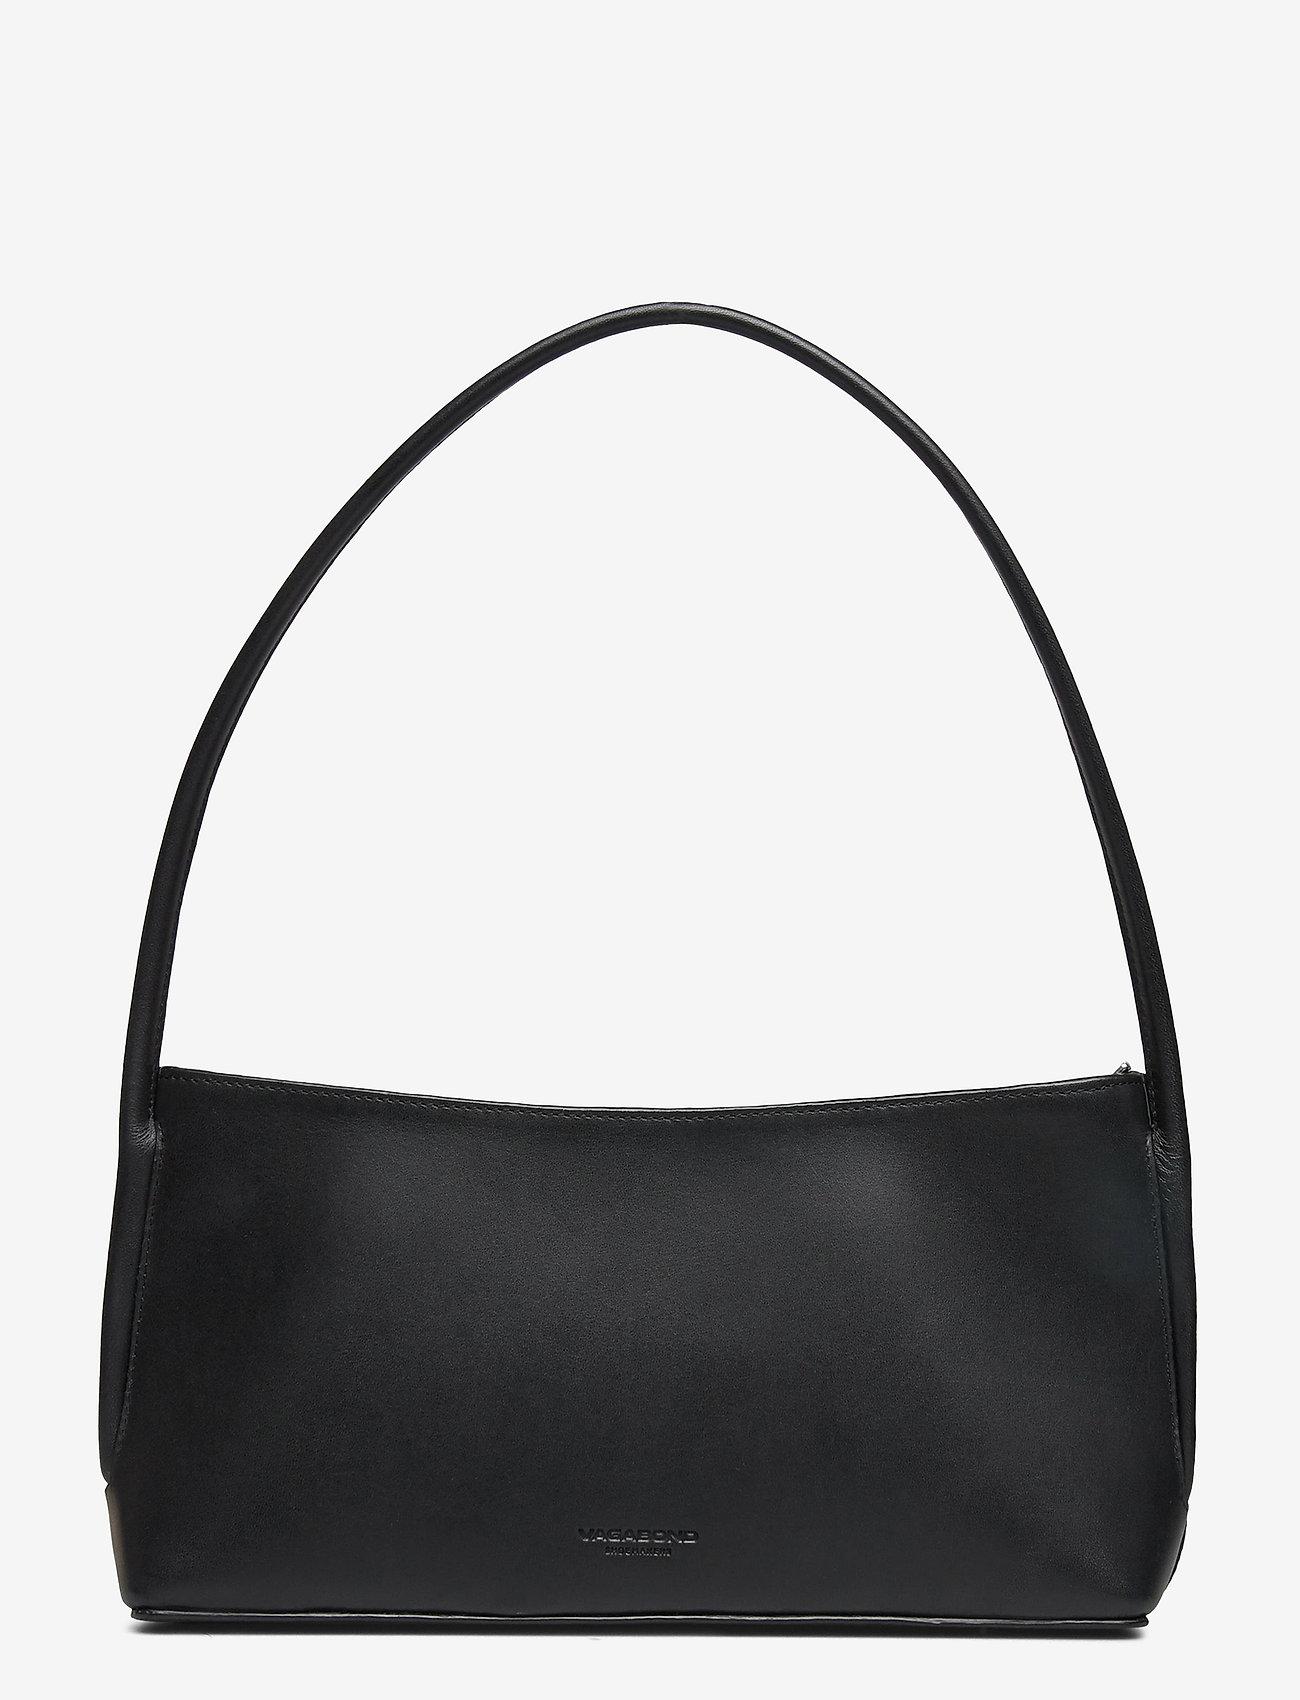 VAGABOND - VERONA - väskor - black - 0